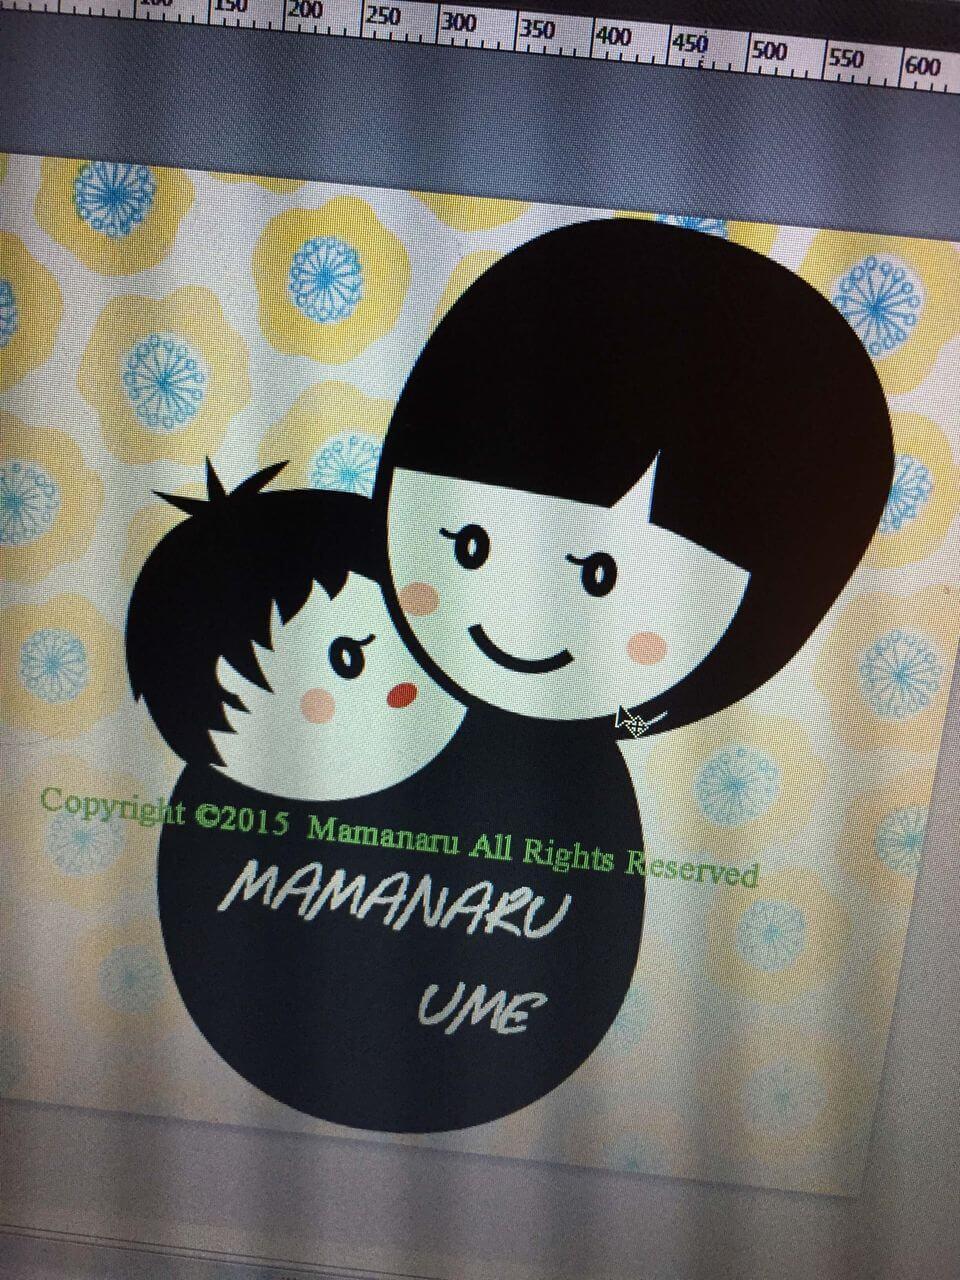 ママナルスタッフ、ウメの個人ブログはじめます。のブログ画像